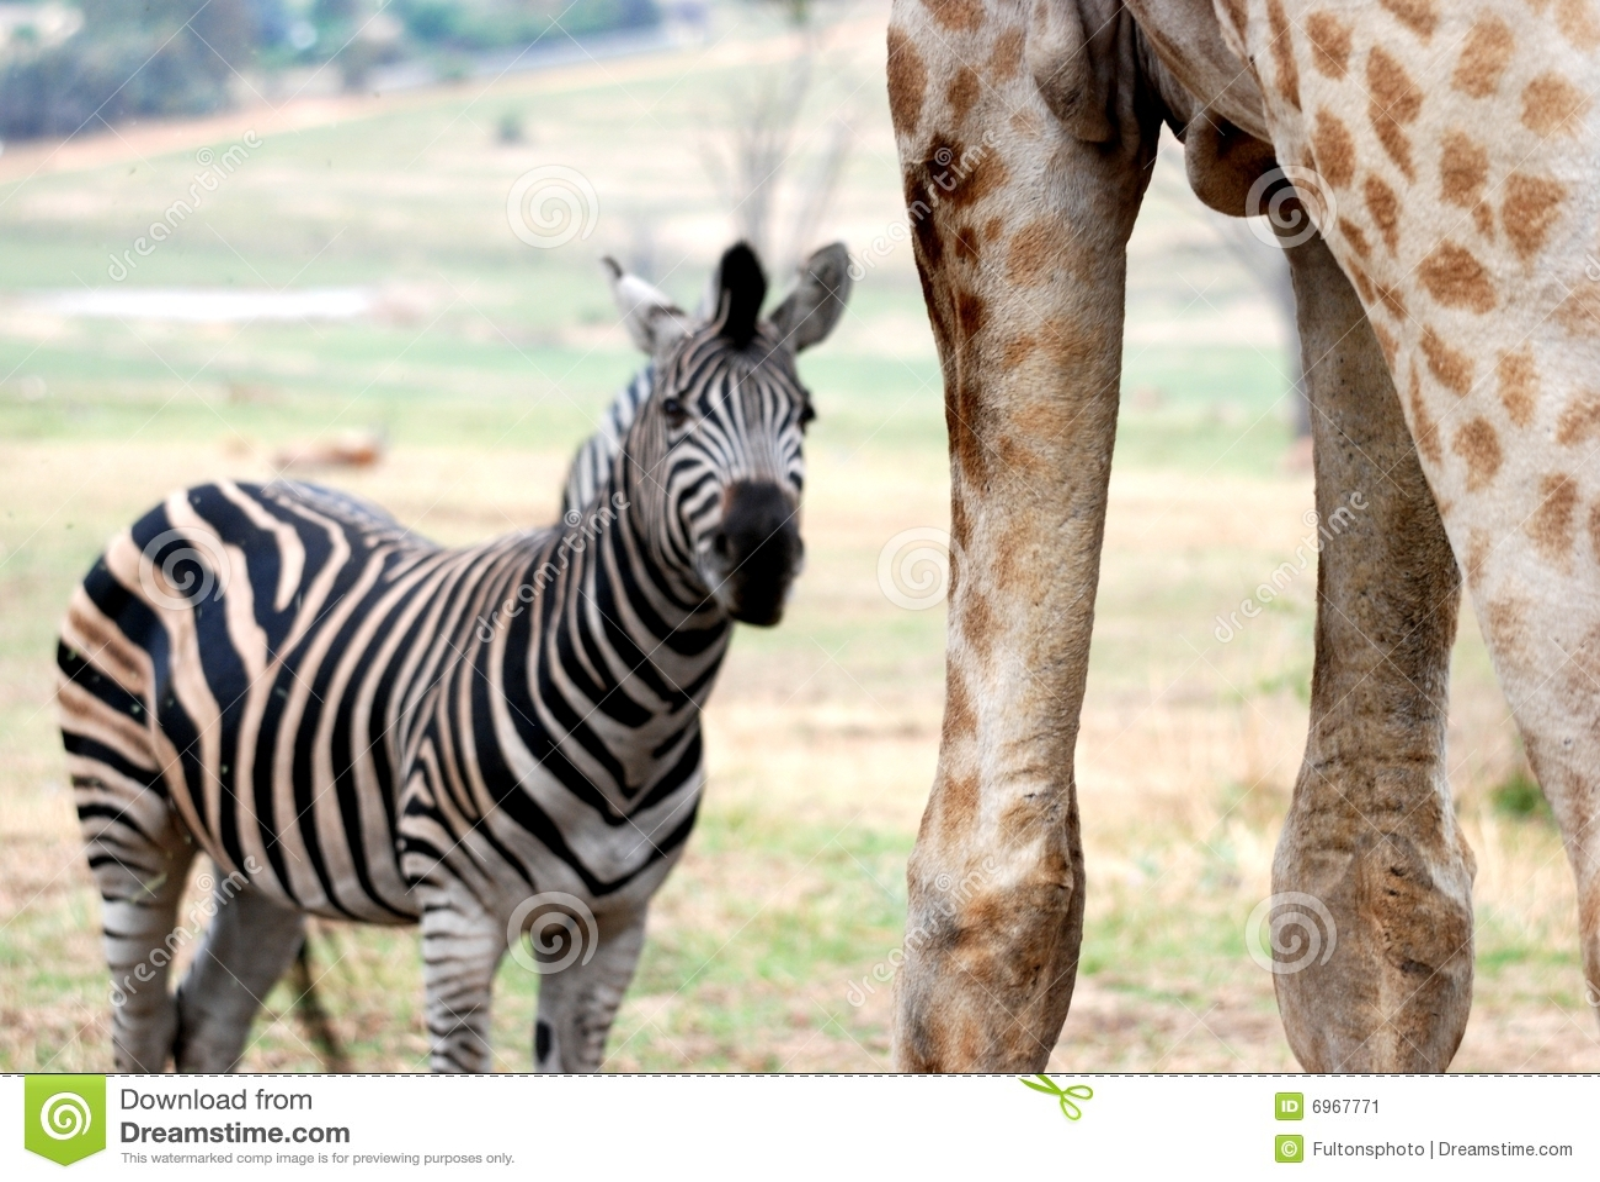 amongst giants zebra vs giraffe stock image image of